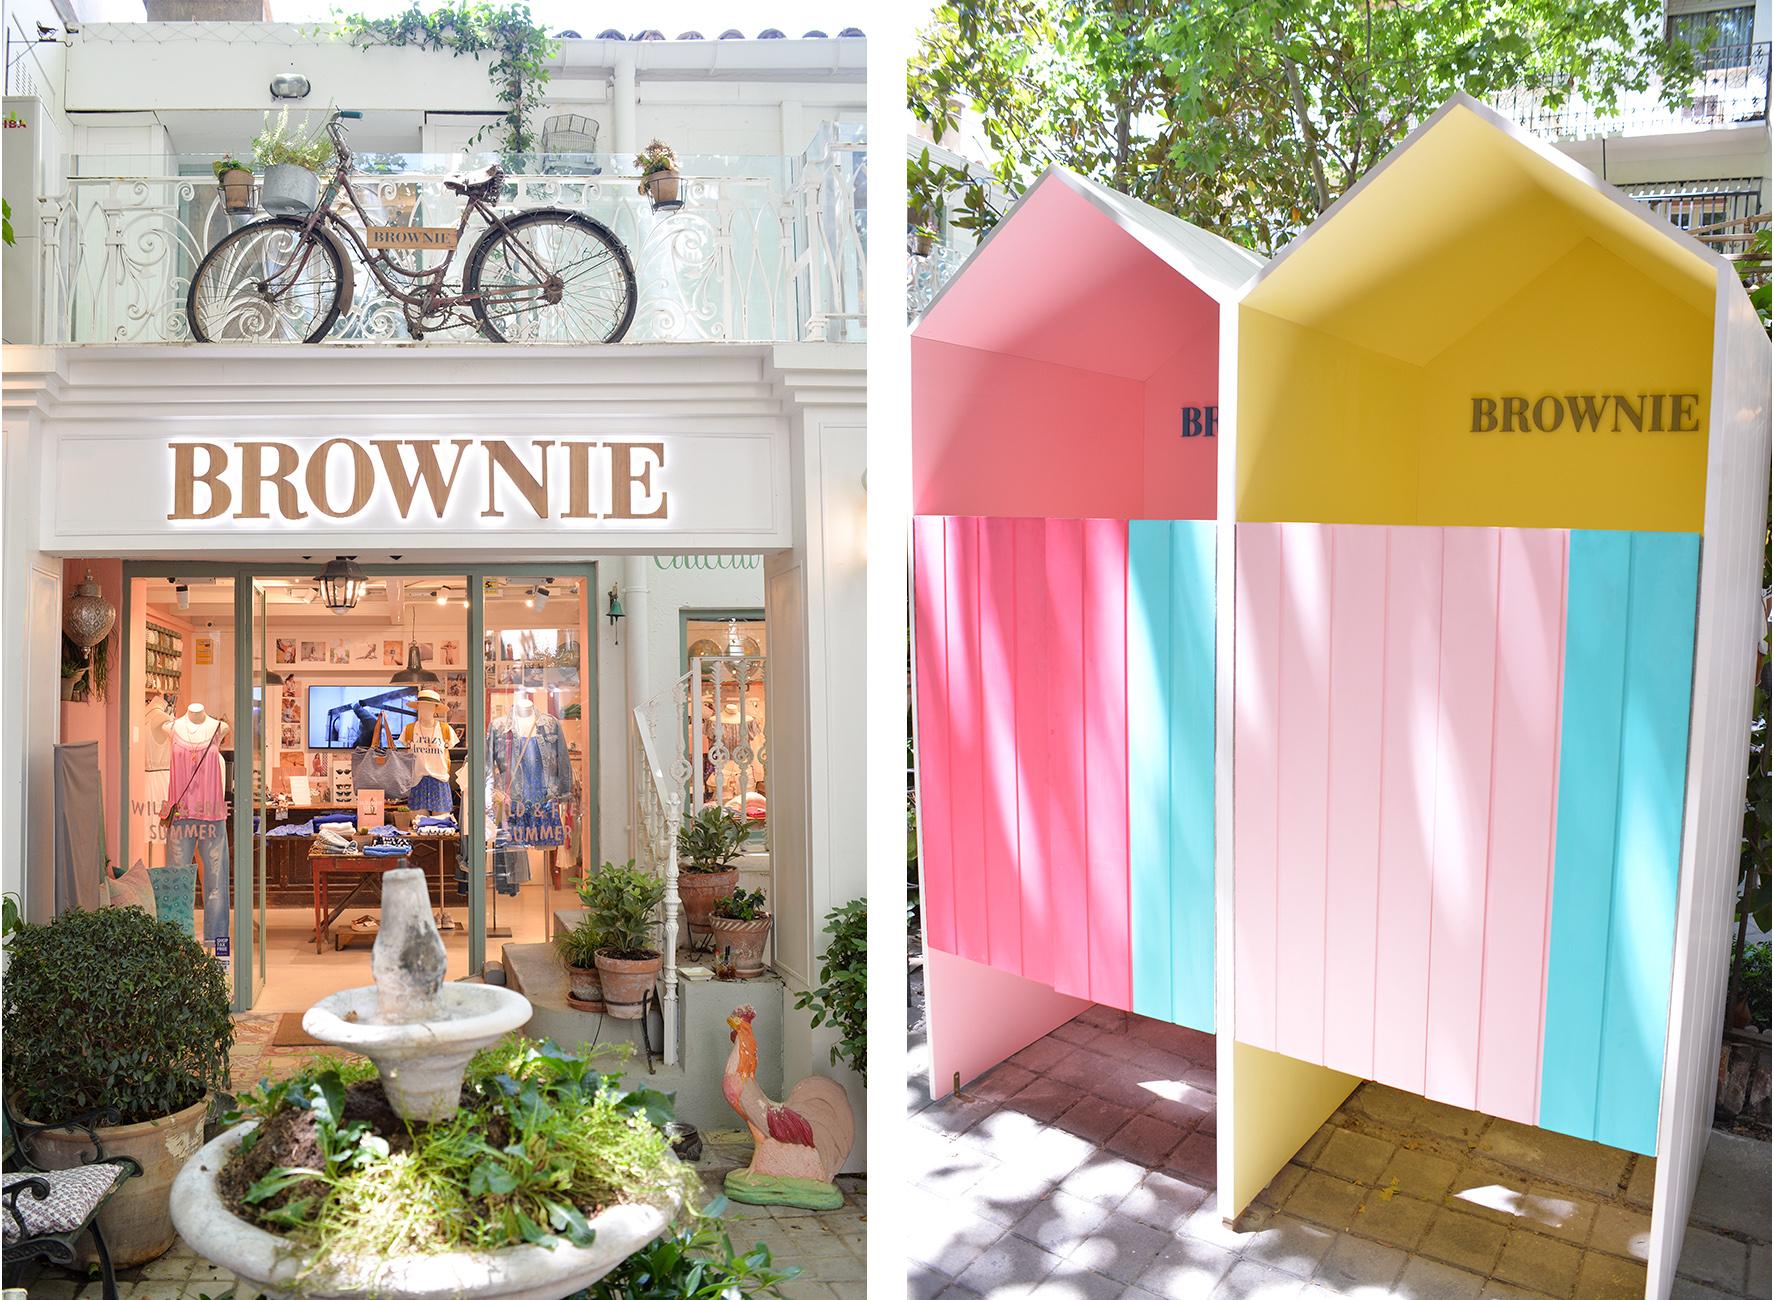 Brownie shop